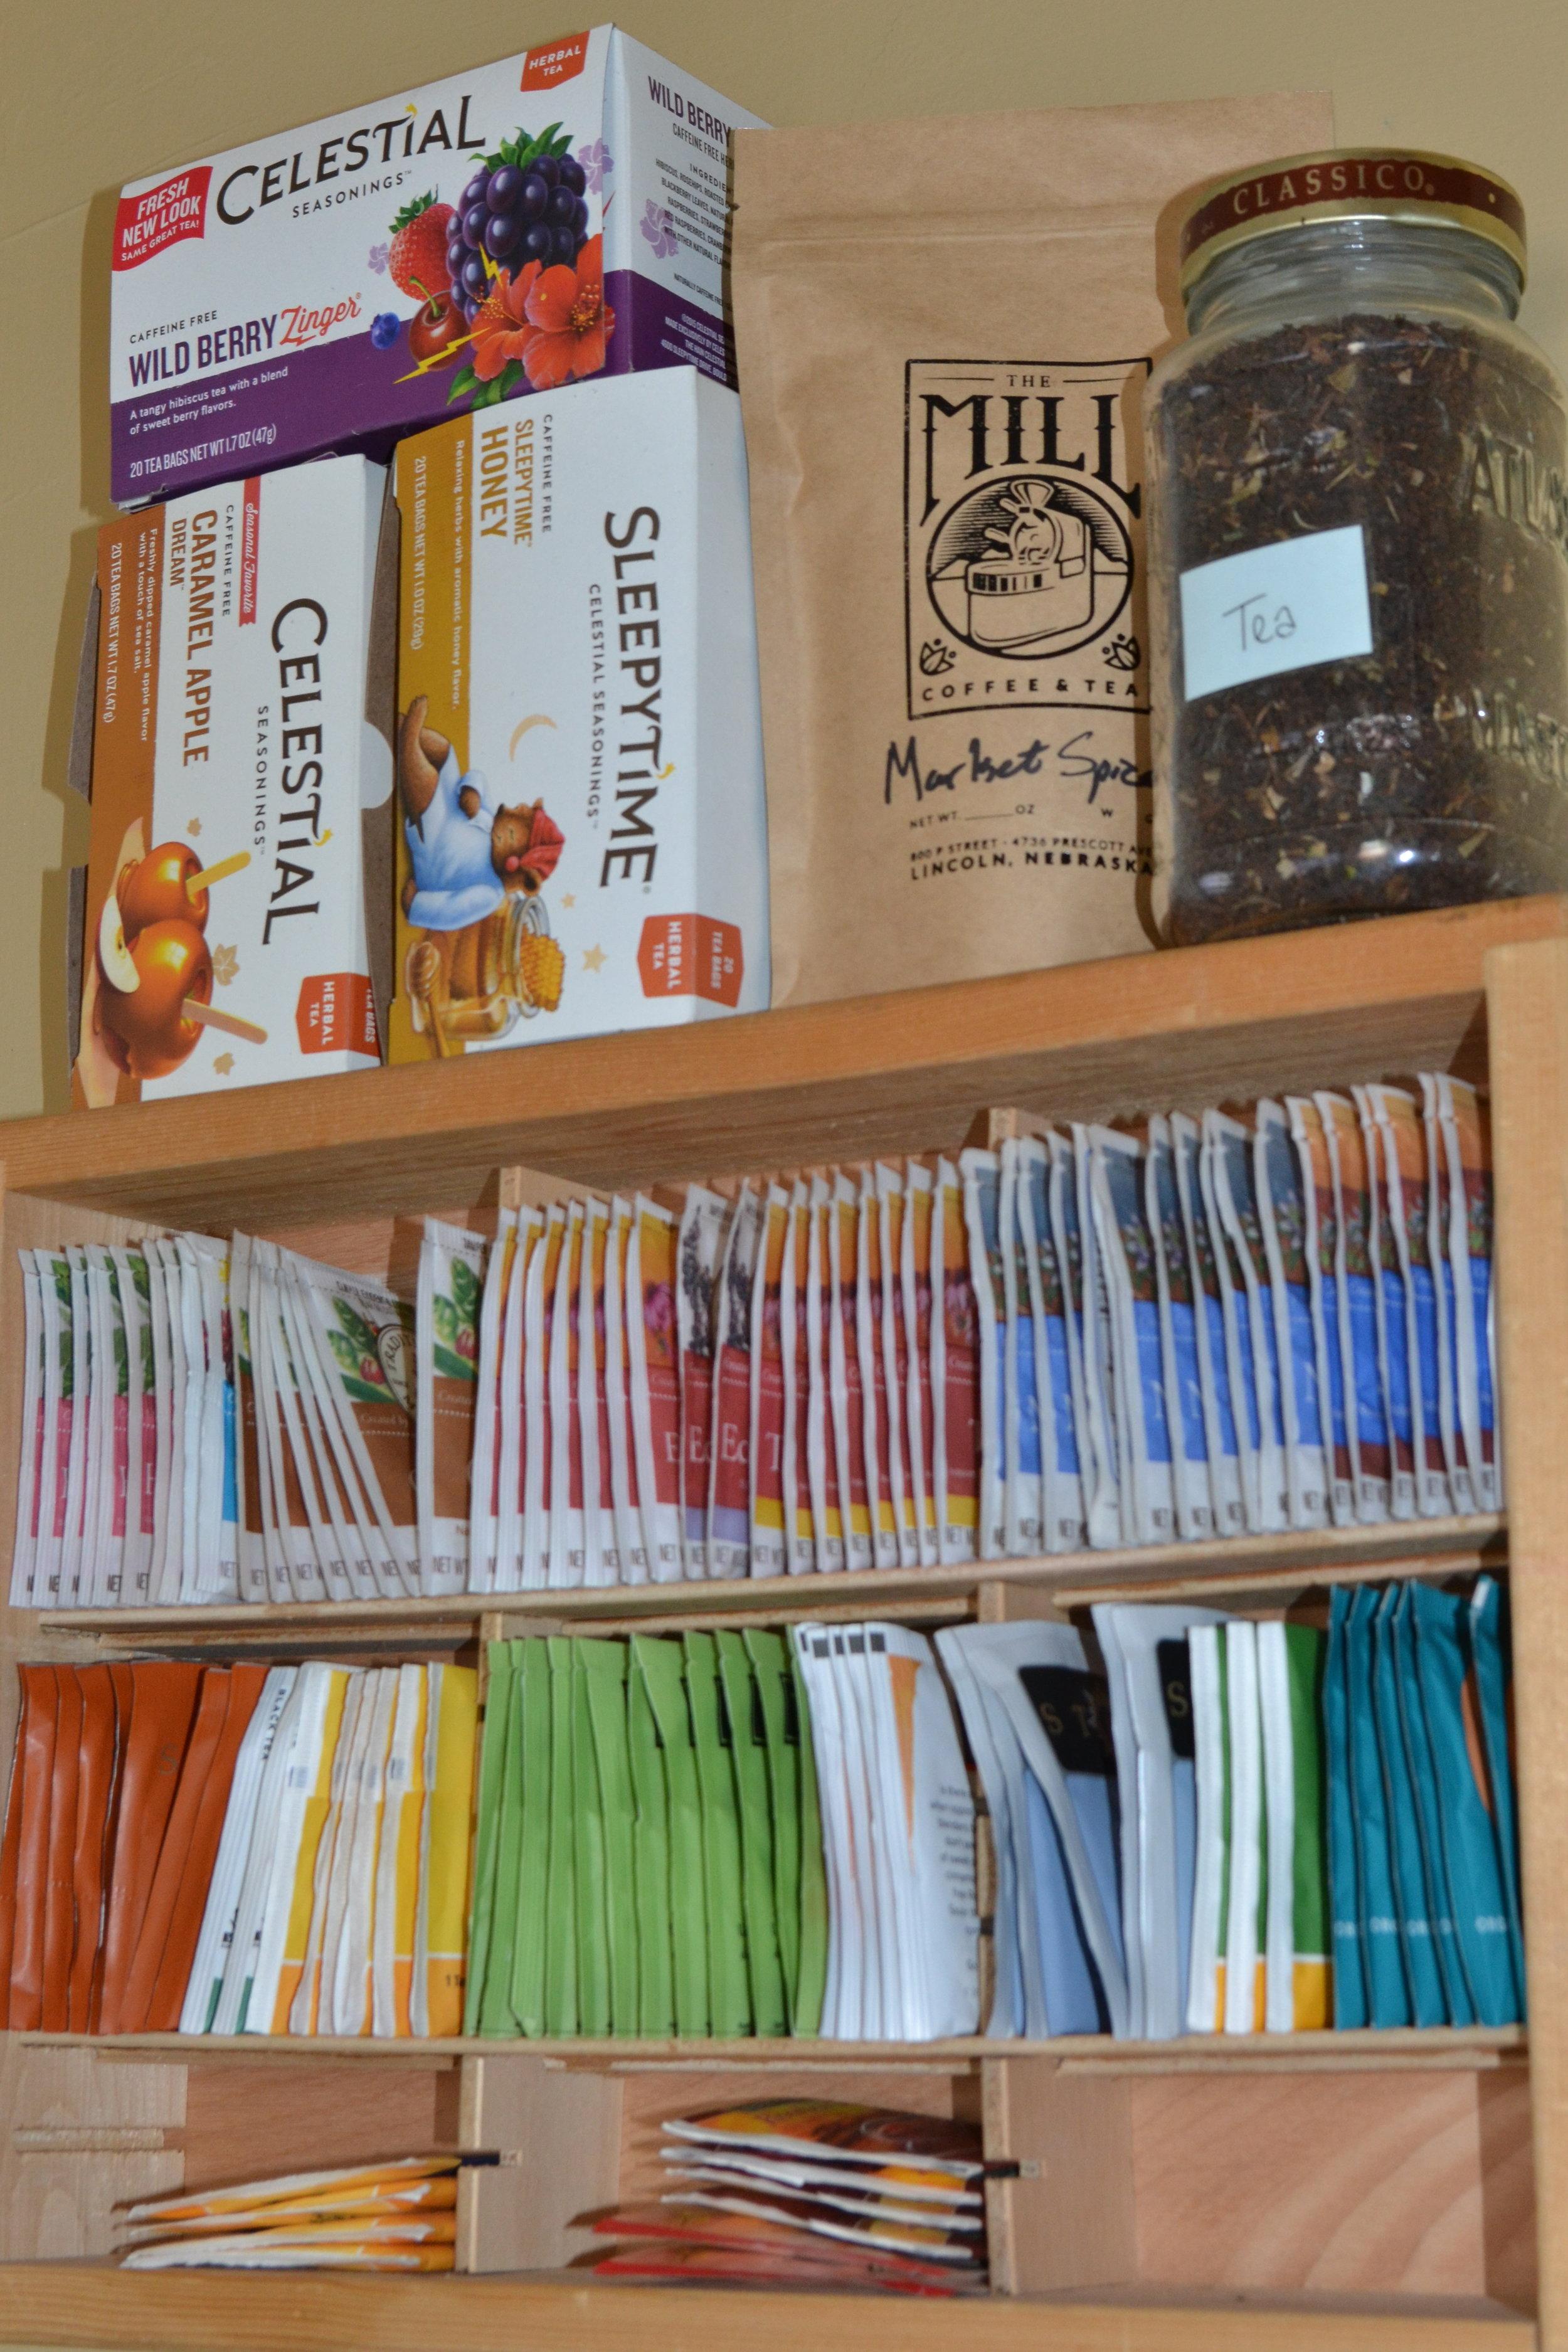 Tea Shelf Upright